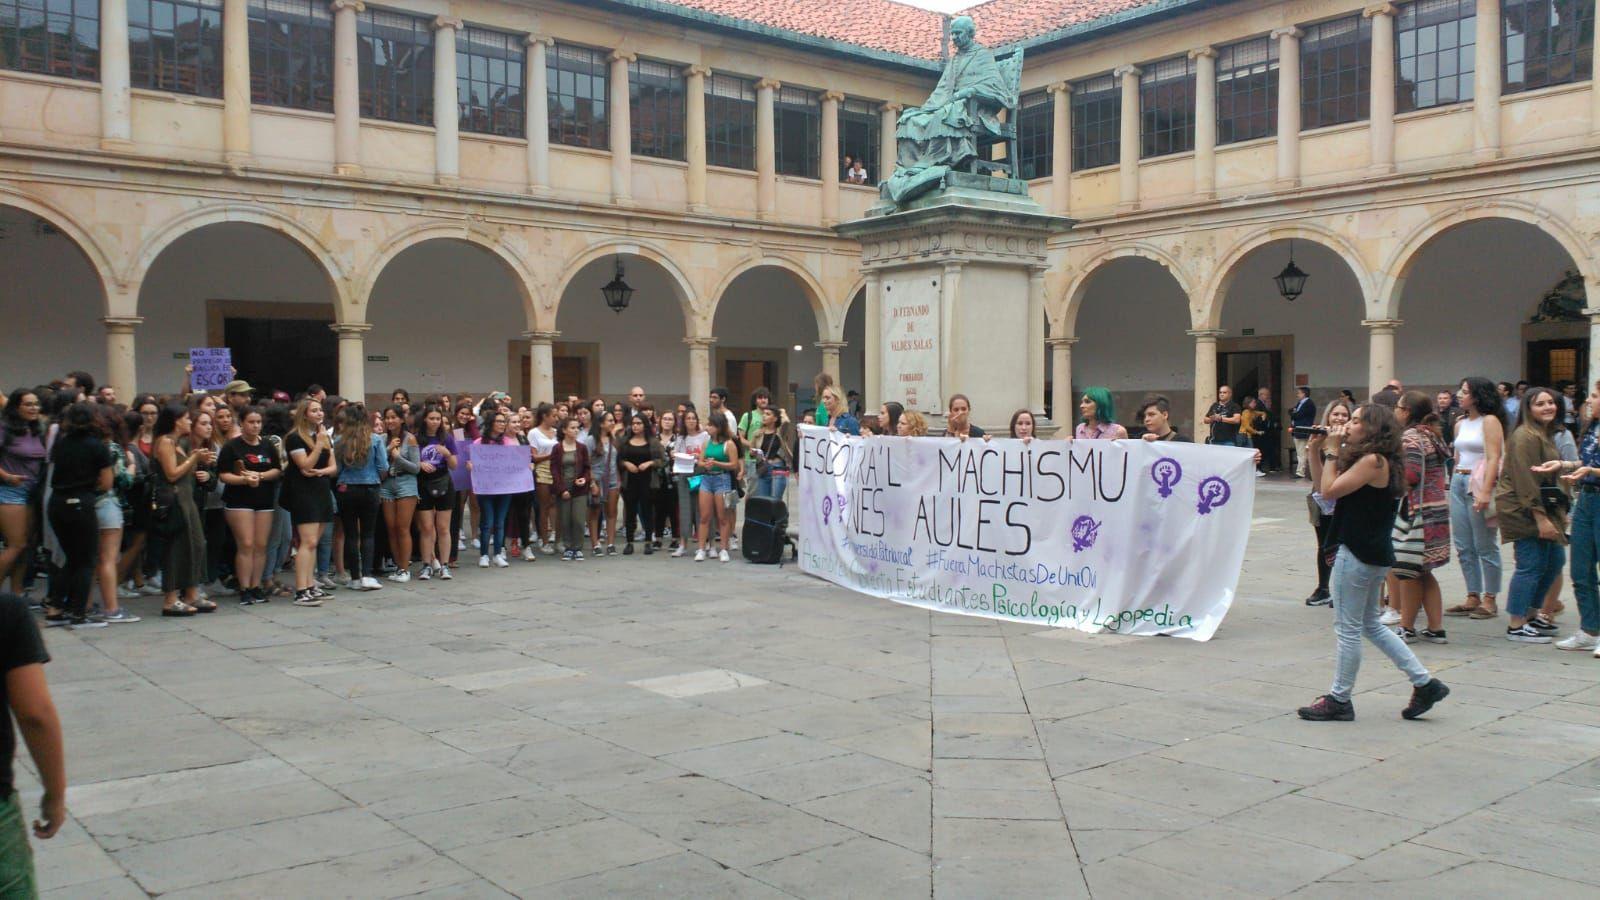 Estudiantes de Oviedo se manifiestan contra el machismo en las aulas.Un grupo de jóvenes hacen cola ante un bus nocturno, en una imagen de archivo